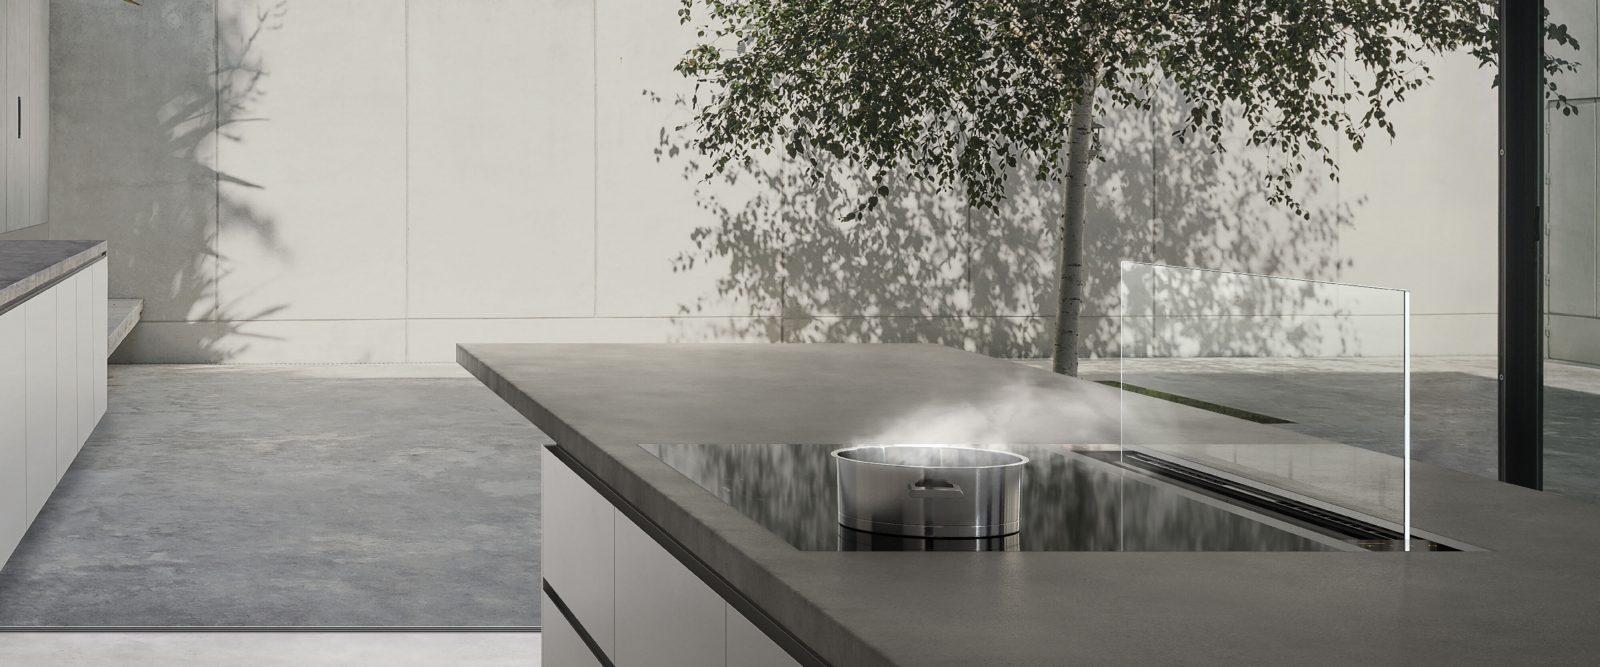 gaggenau-glassdraft-4000x1667